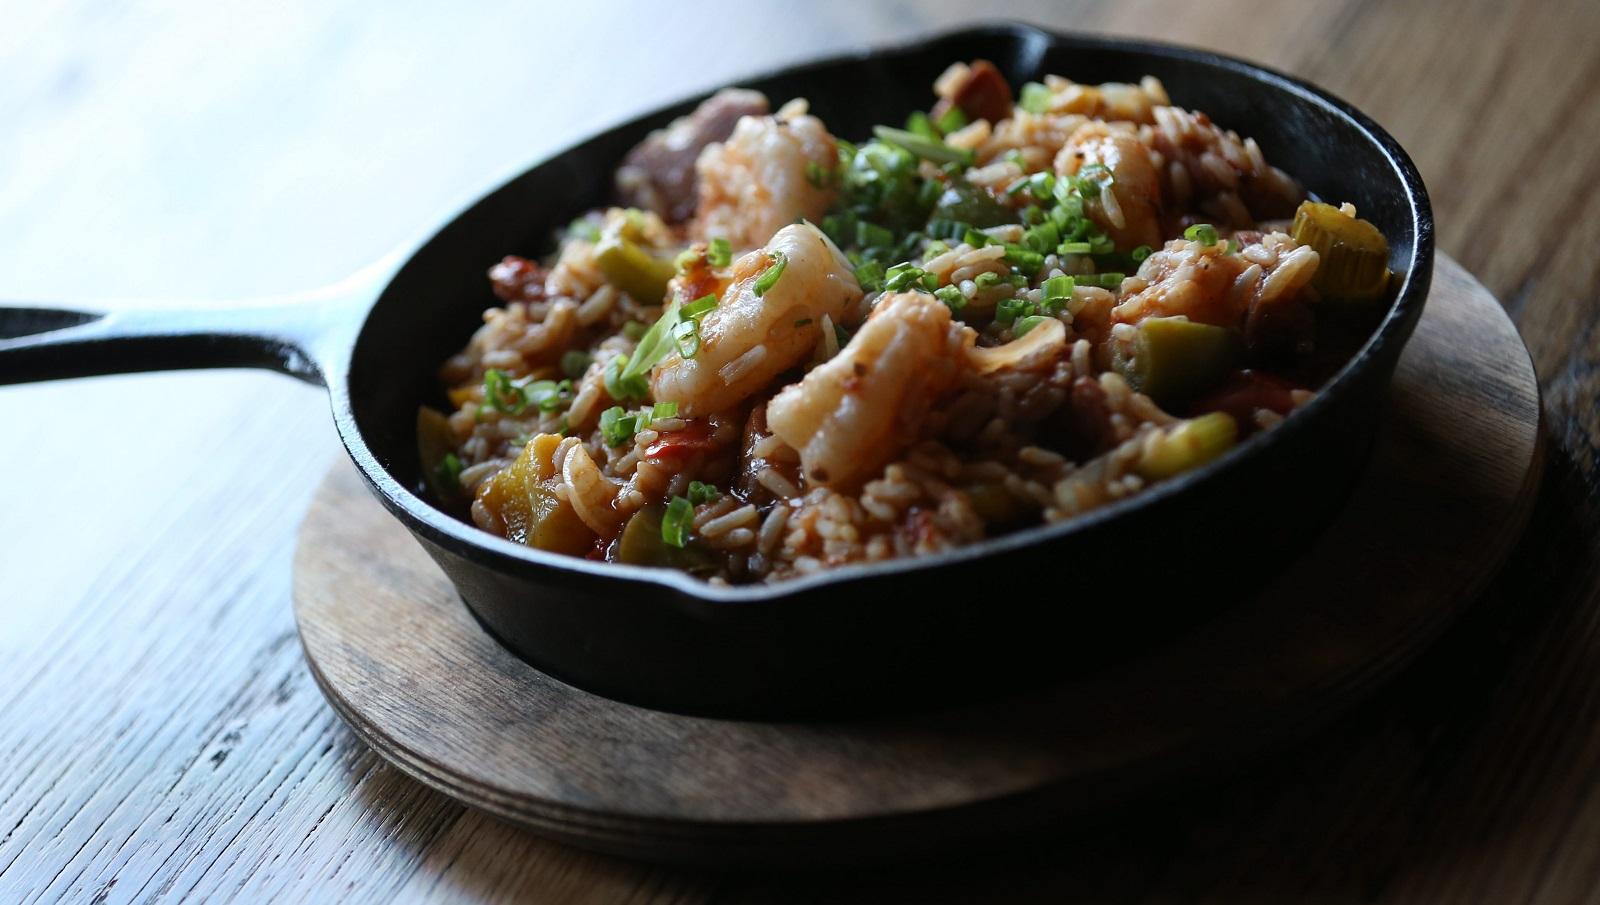 The traditional Gulf shrimp sausage jambalaya in a native Louisiana long grain rice stew. (Sharon Cantillon/Buffalo News)